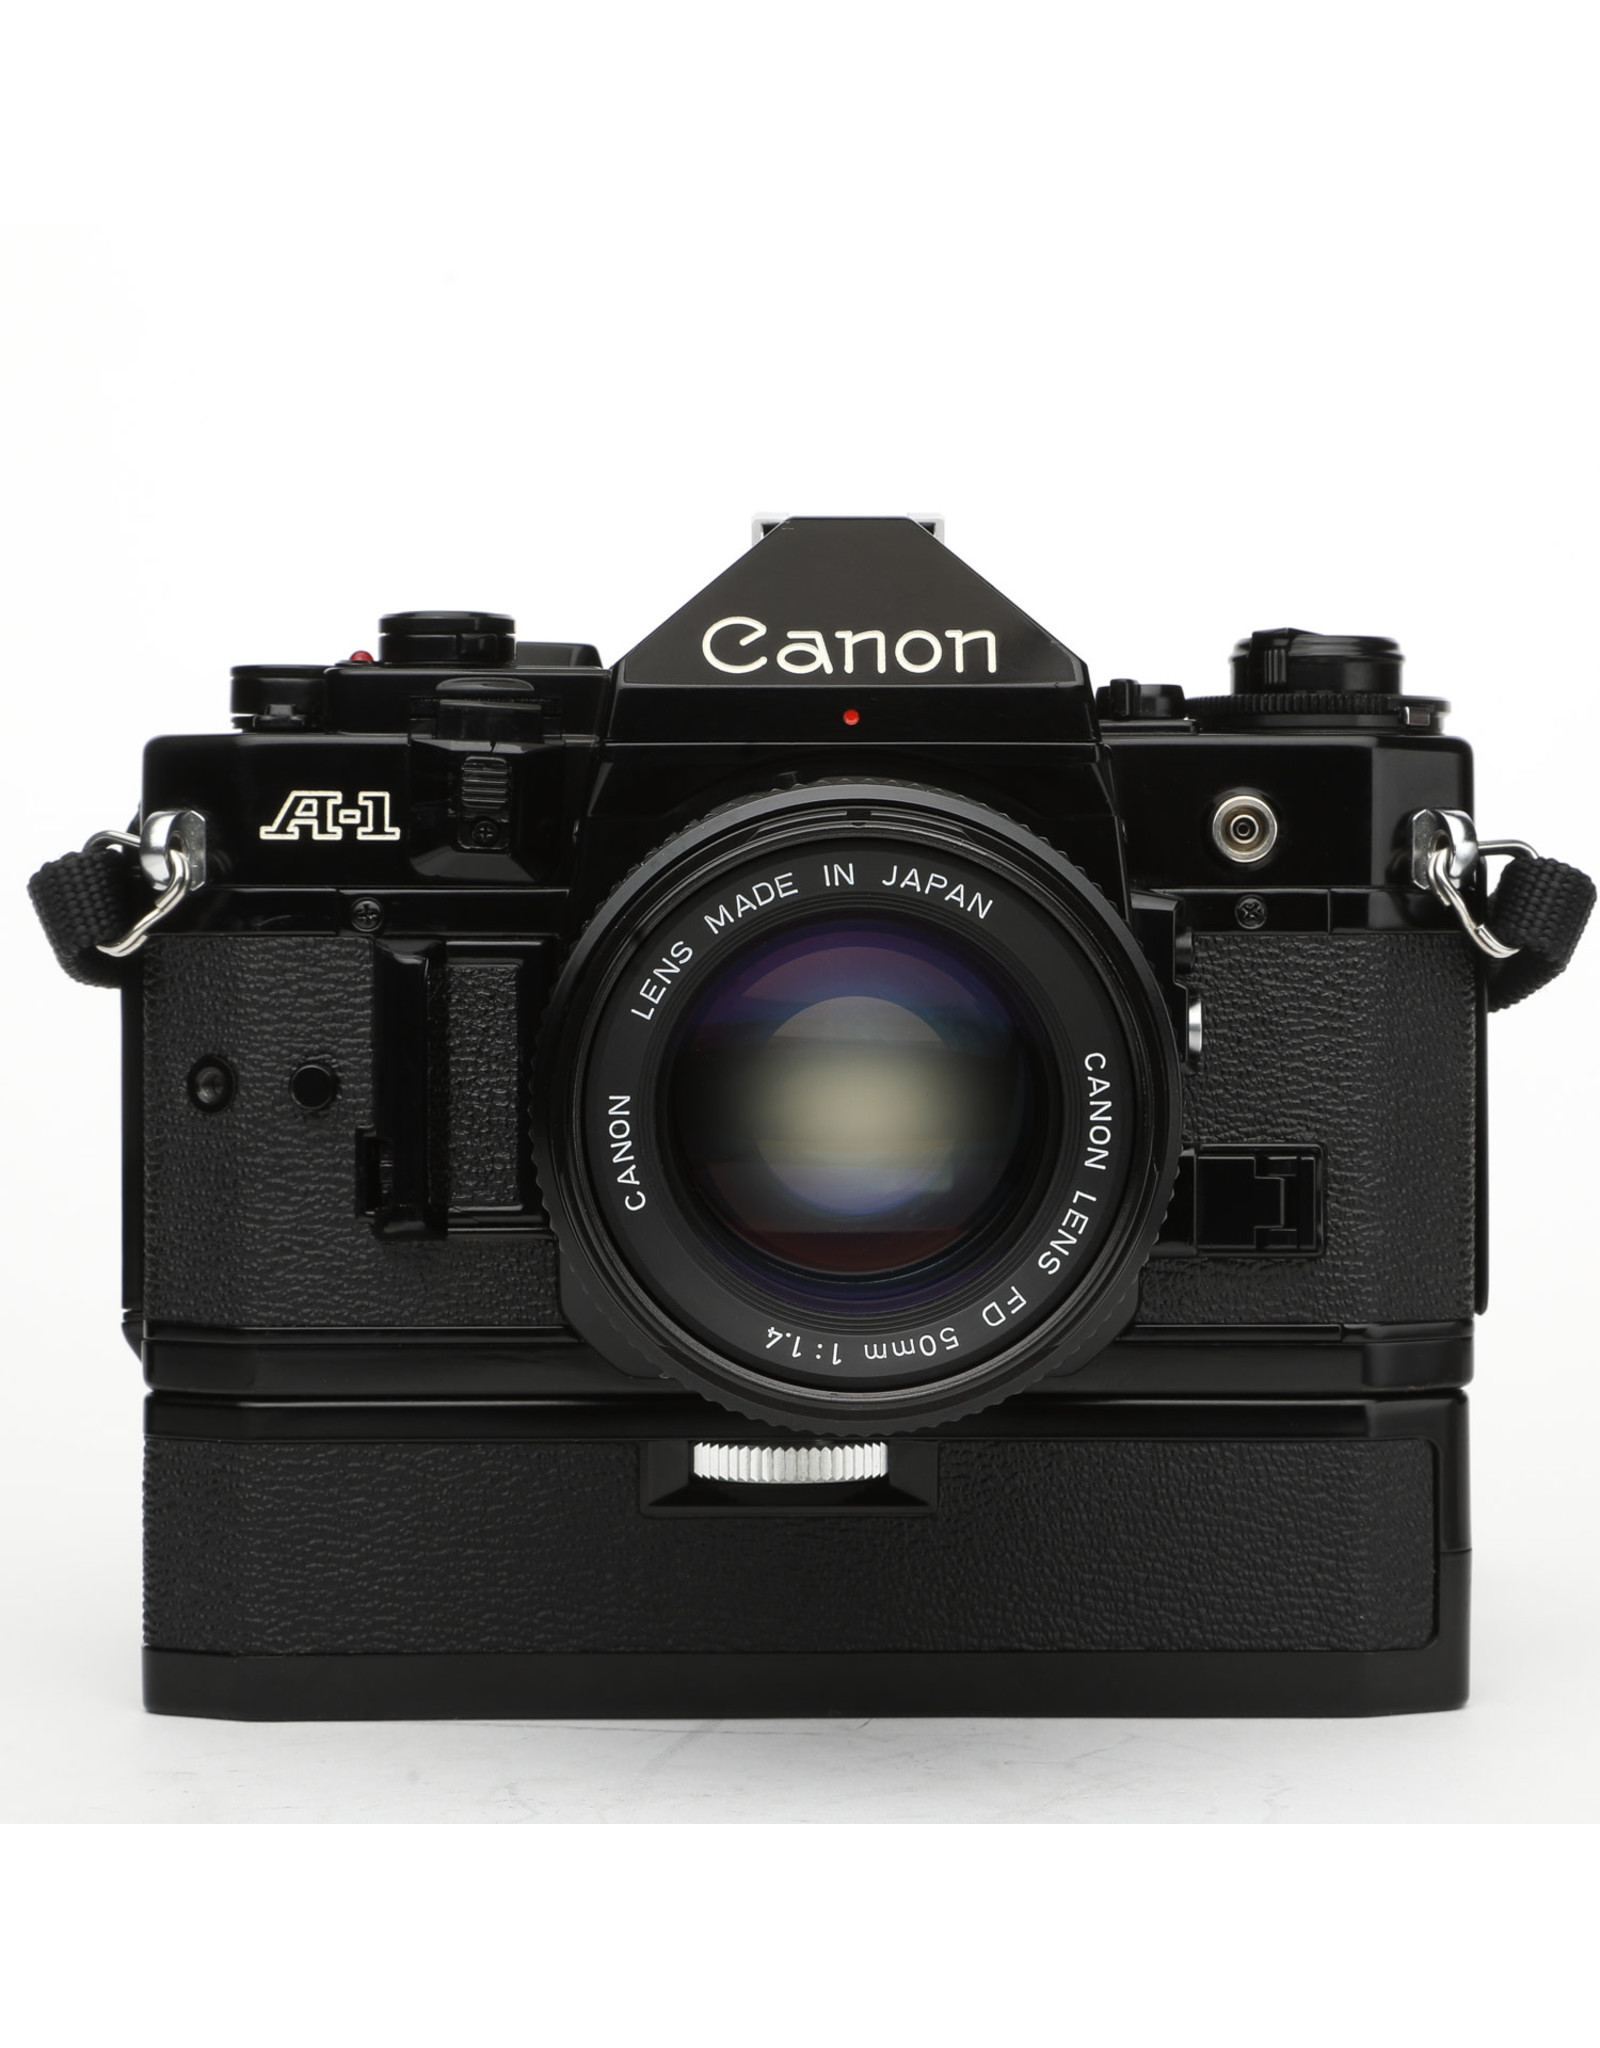 Canon Canon A1 35mm SLR Camera w/50mm f1.4 Lens & Drive